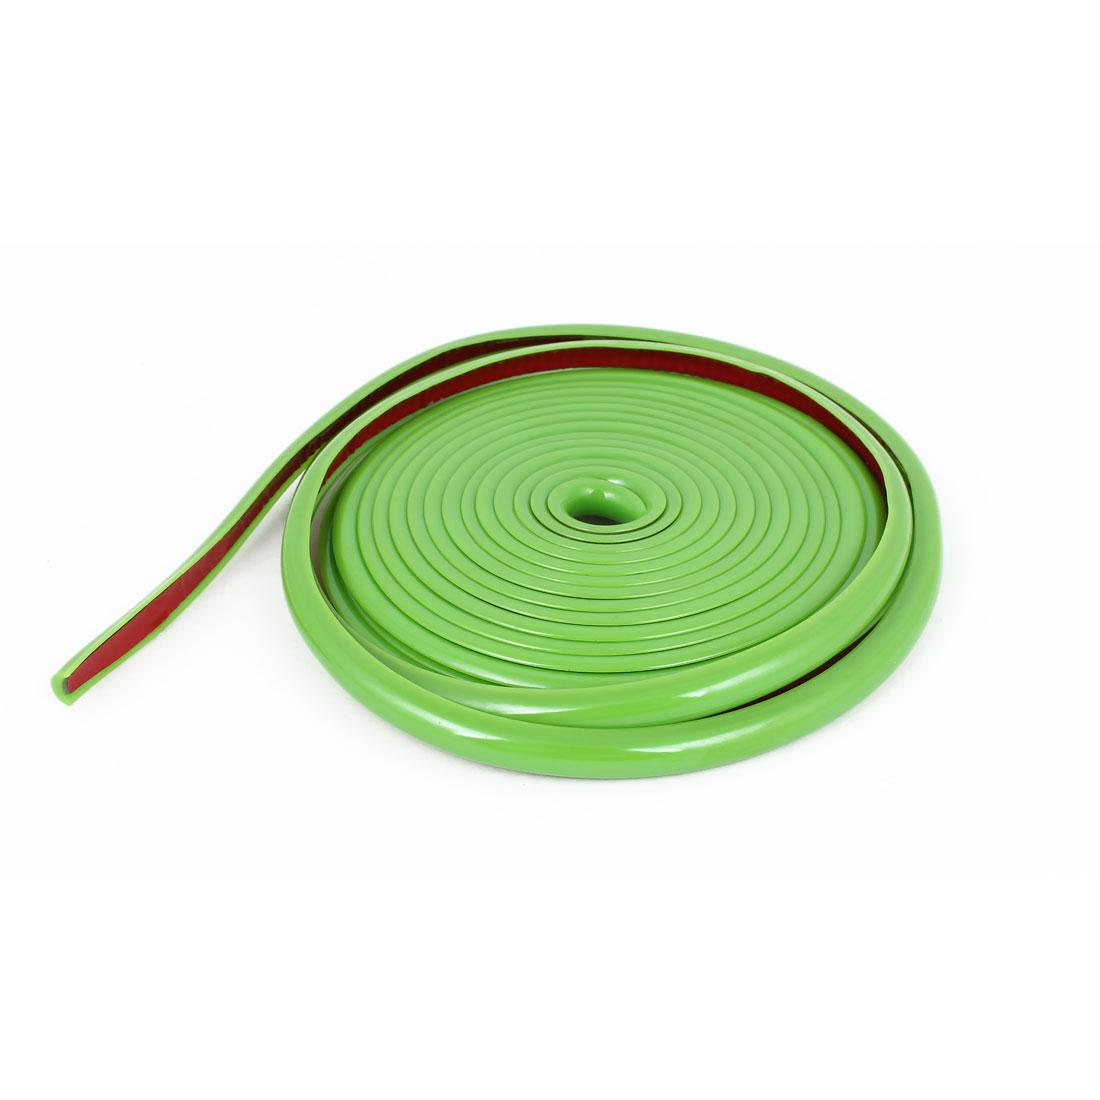 Green Adhesive Ornament Car Moulding Trim Strip 4 Meter